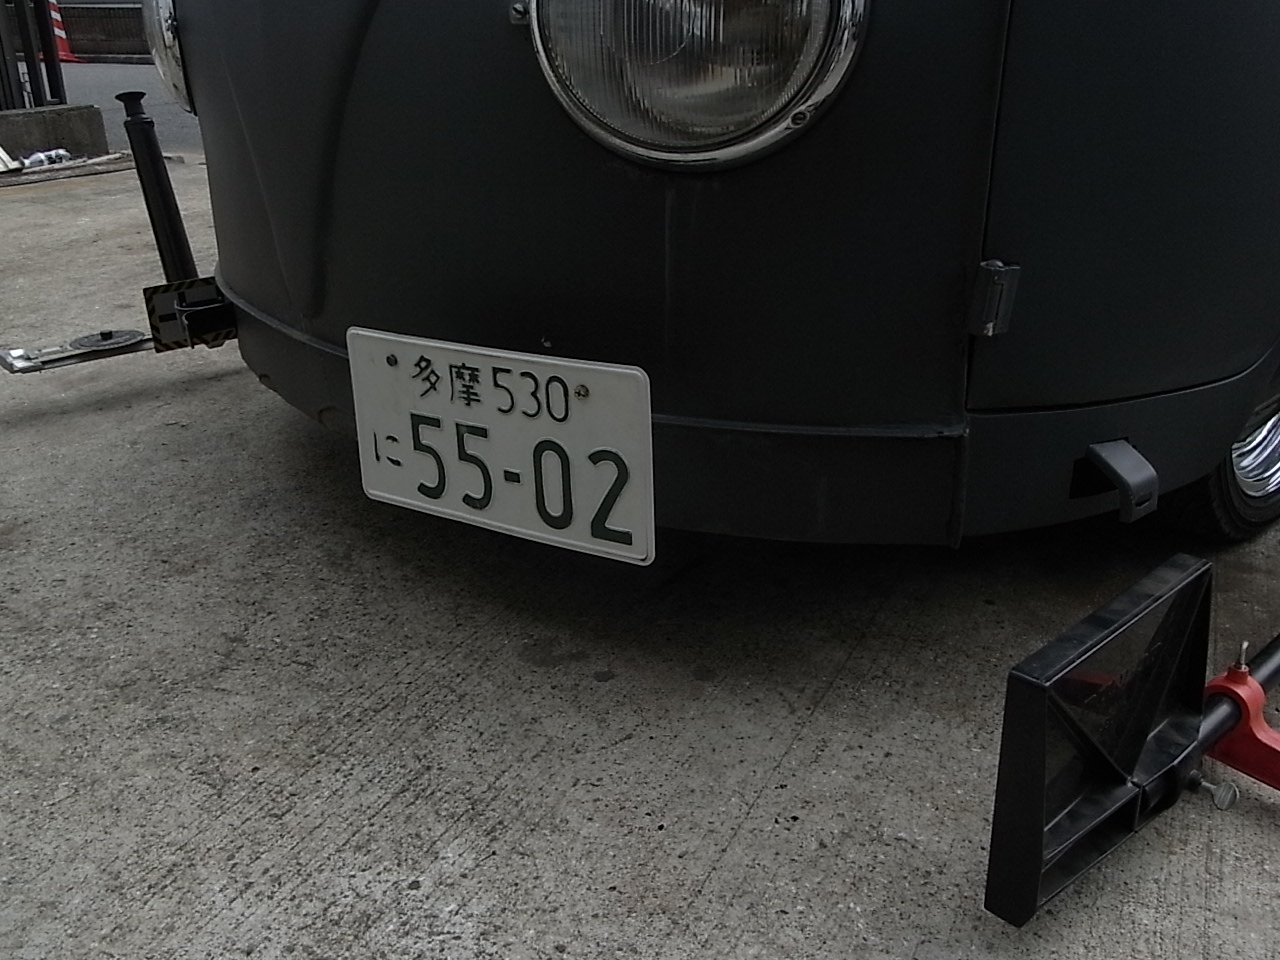 RIMG3066.JPG 1280×960 356K